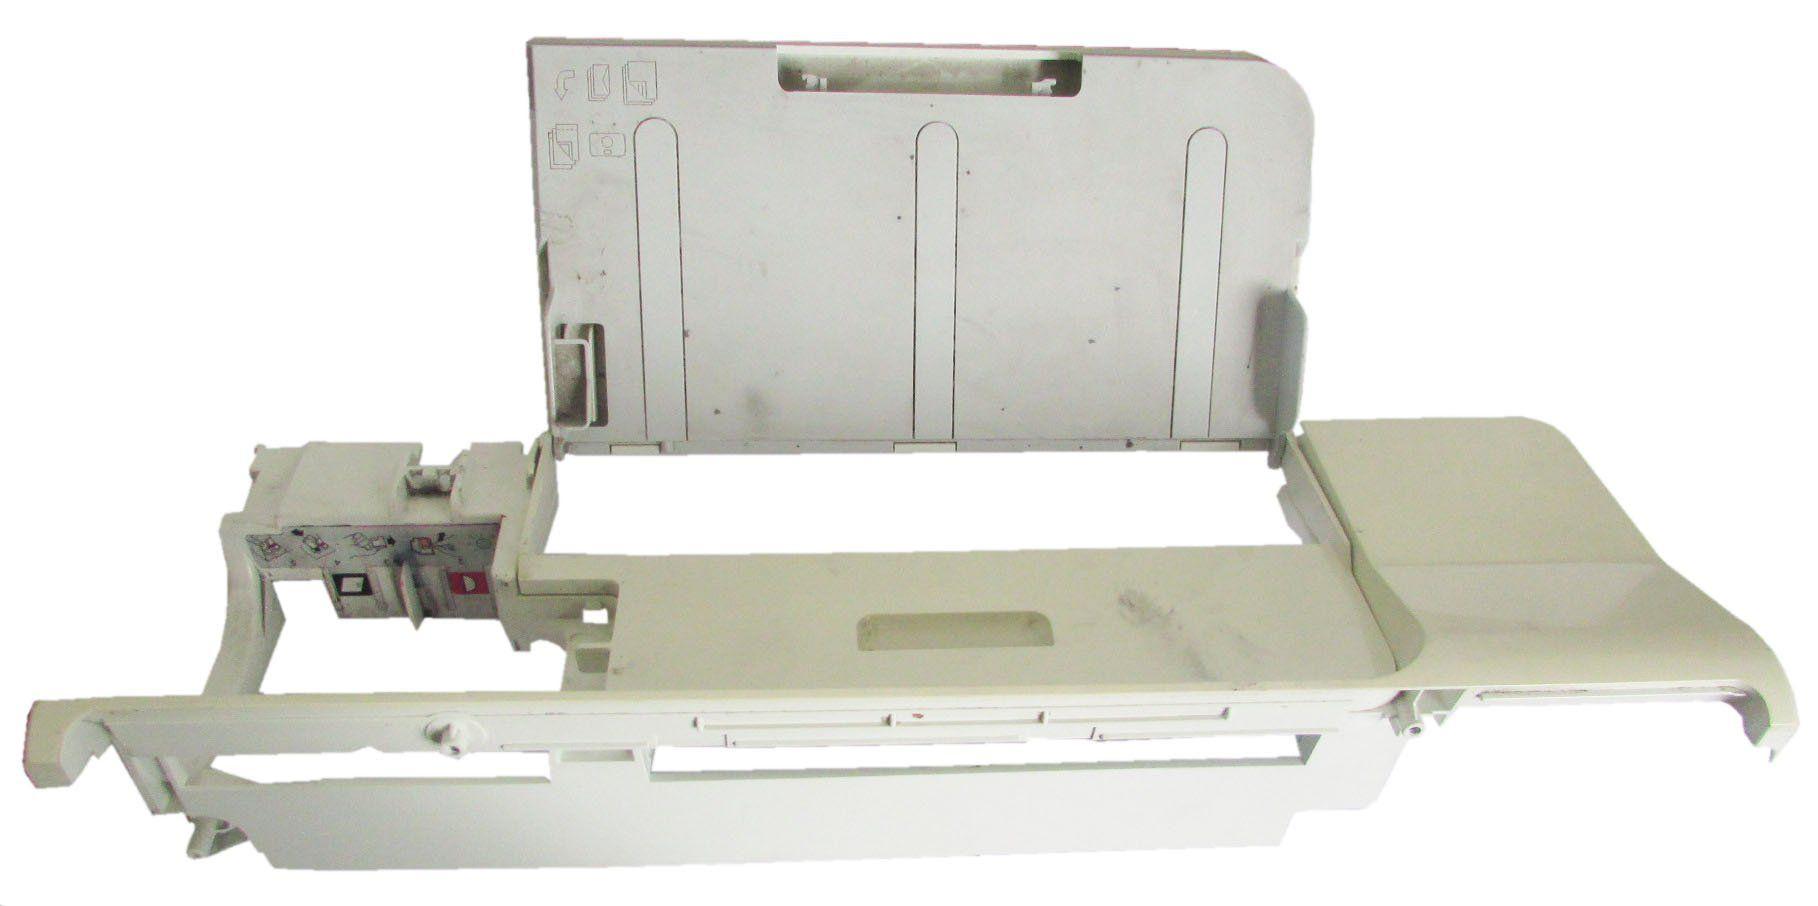 Bandeja Frontal Da Impressora HP 4280 (semi novo)